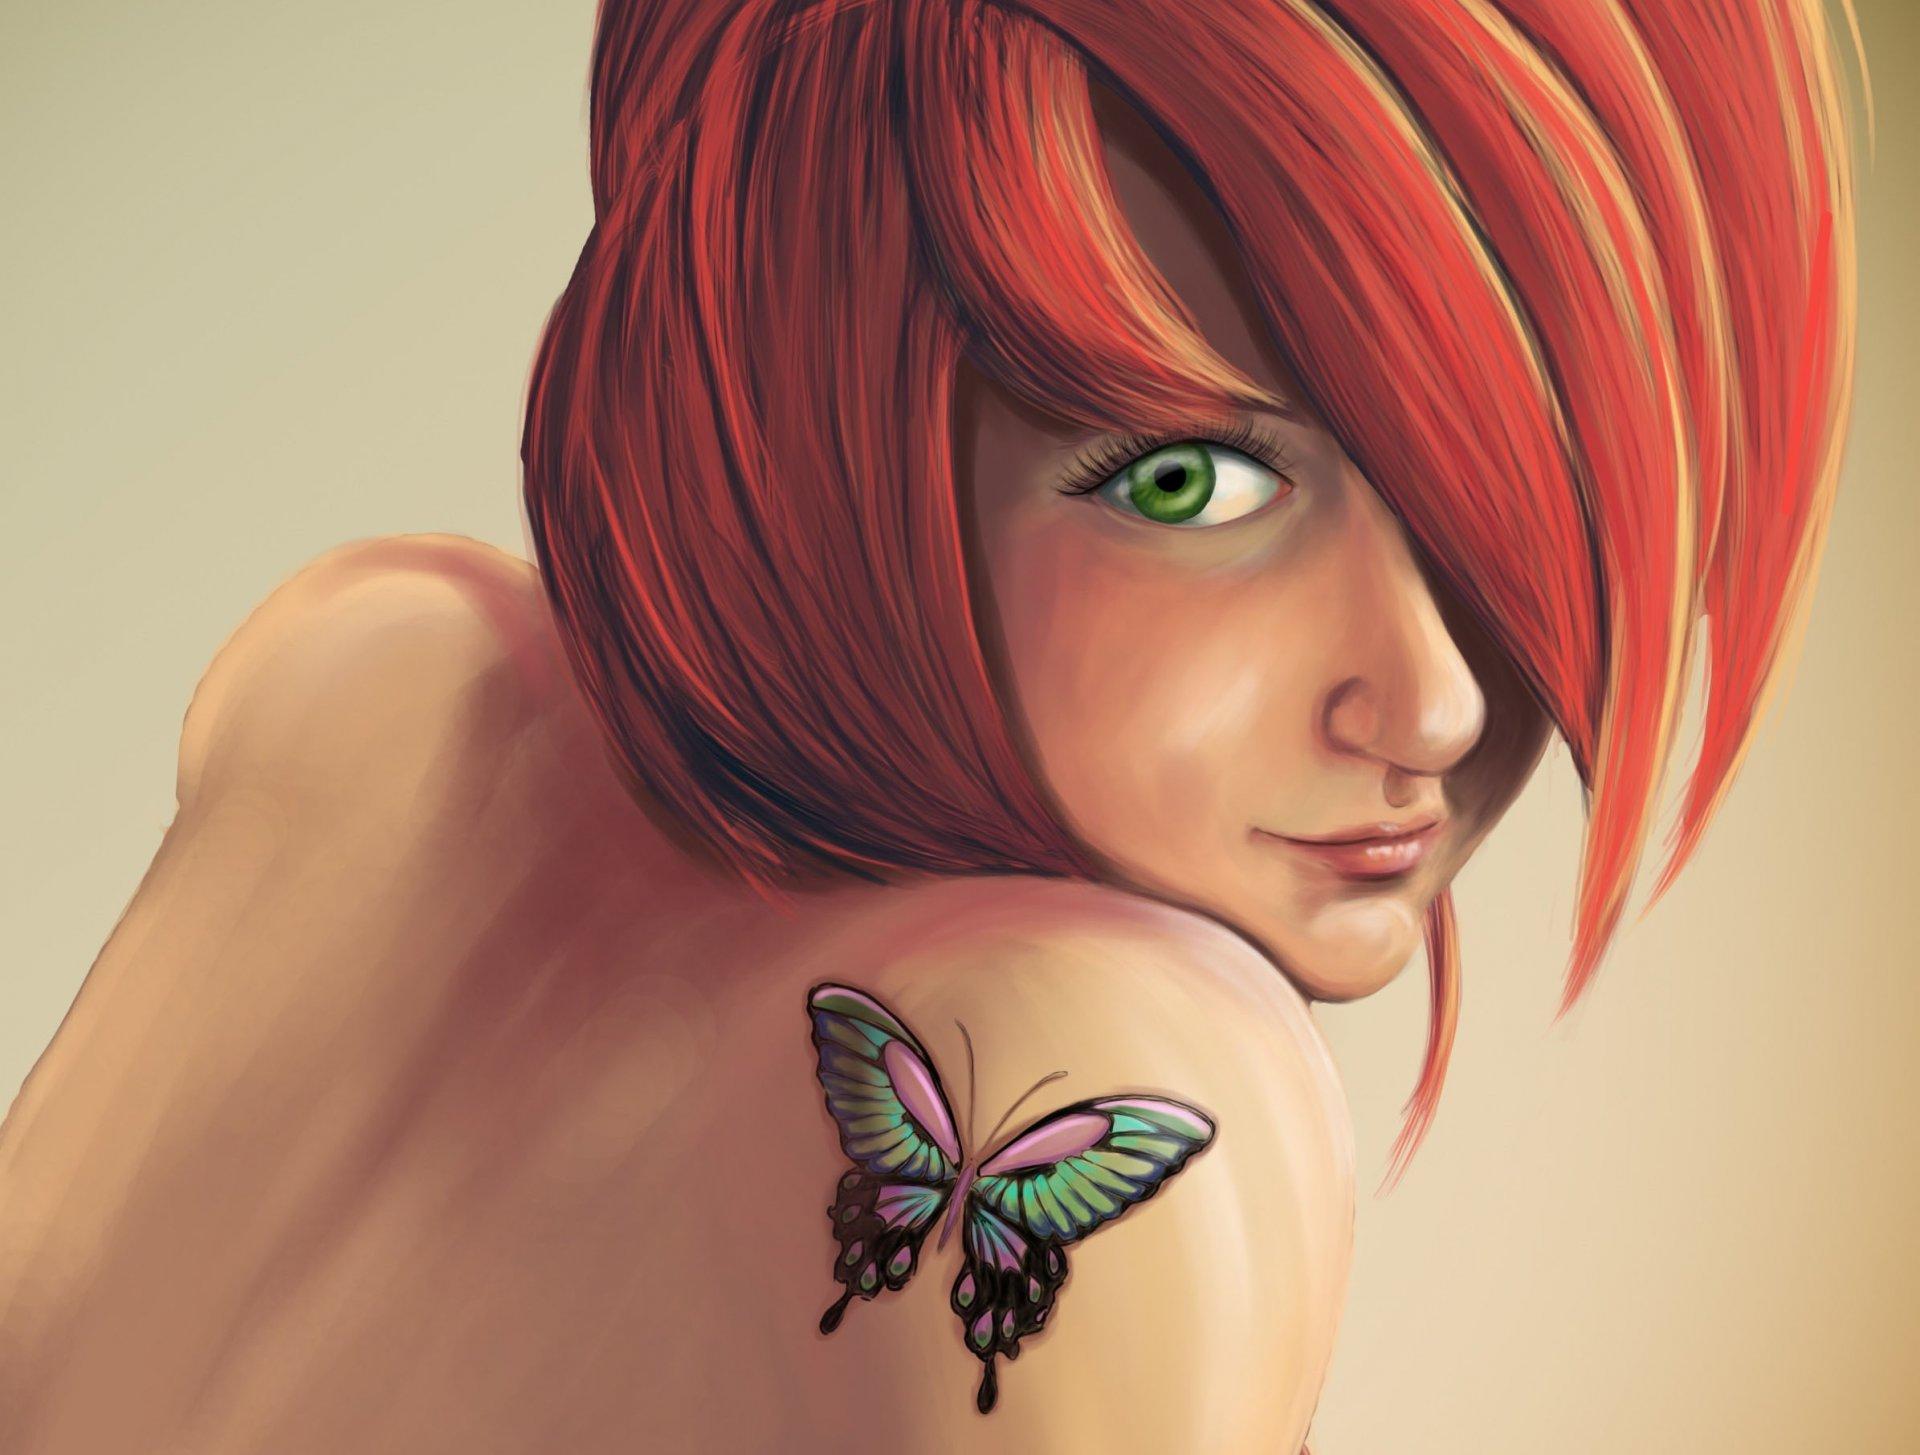 Рыжая девочка картинки мультяшные